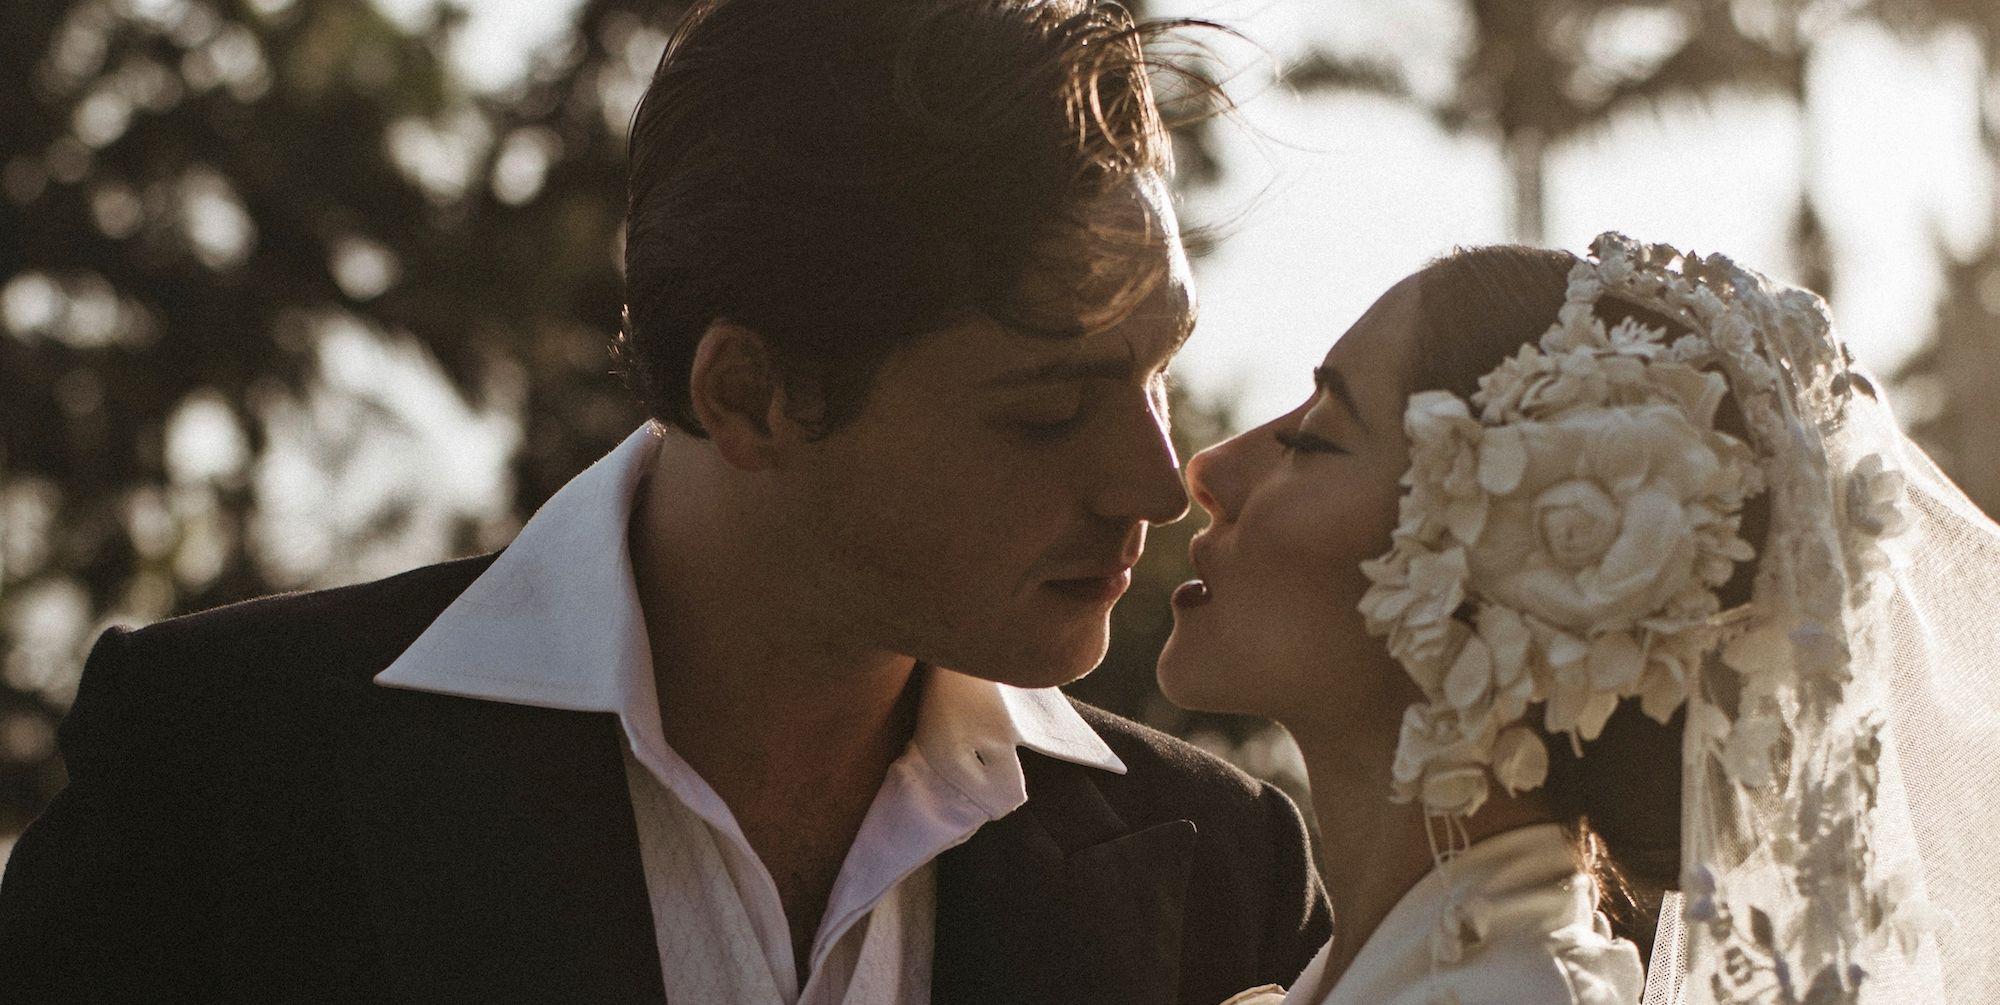 vogue-wedding-lisa-marie-origliasso